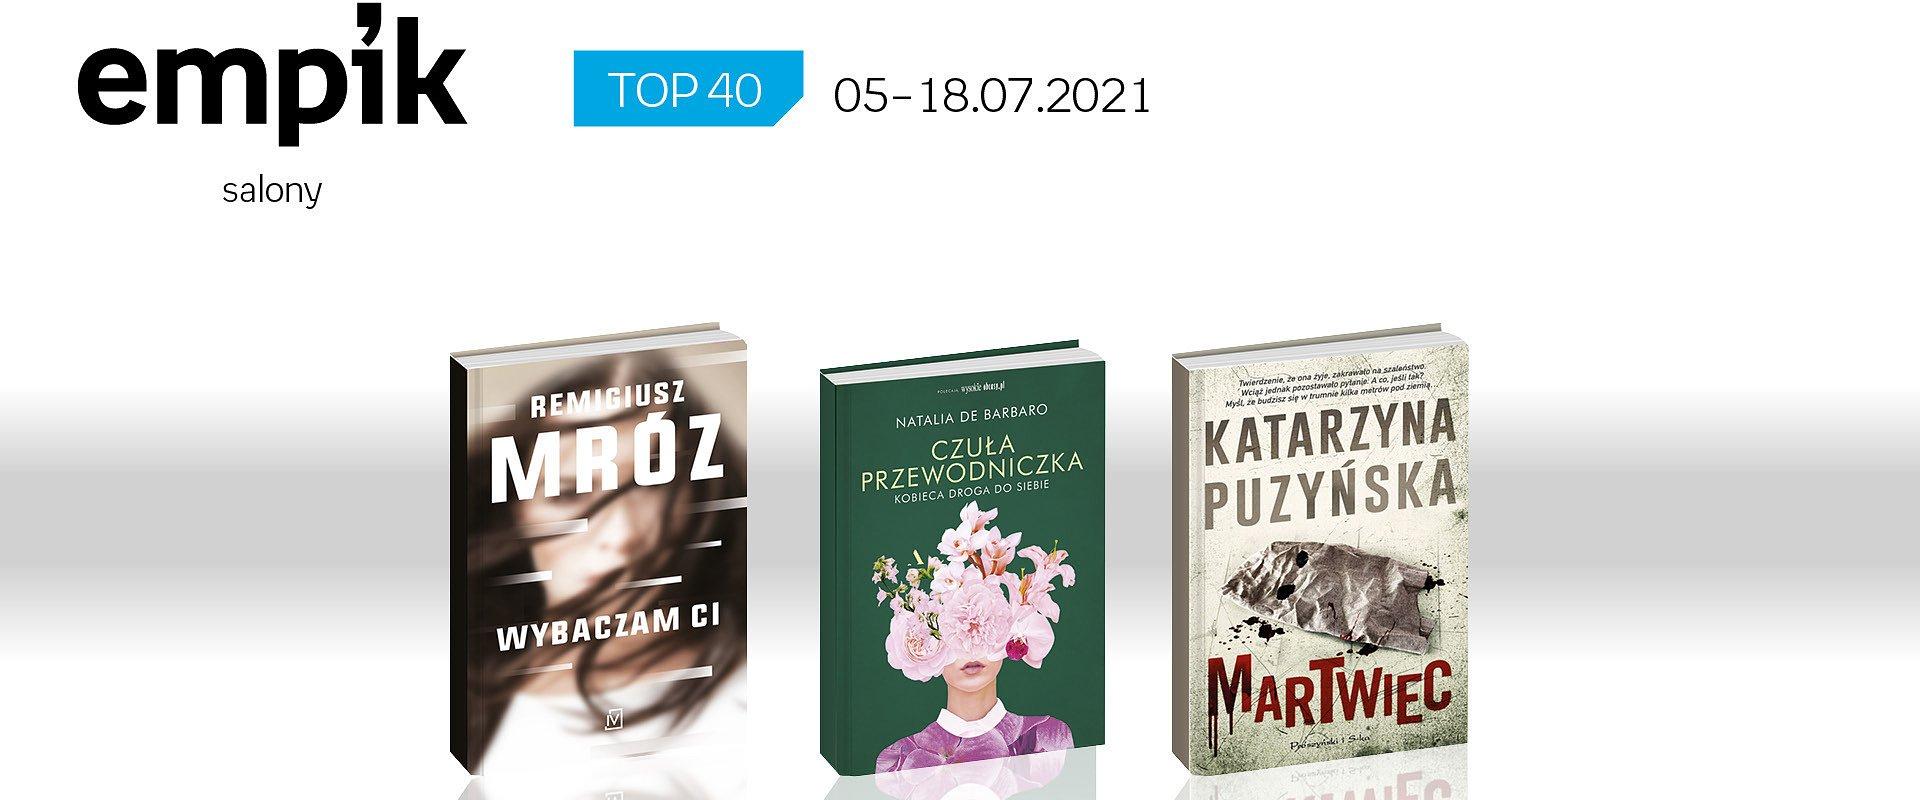 Książkowa lista TOP 40 w salonach Empiku za okres od 5 do 18 lipca